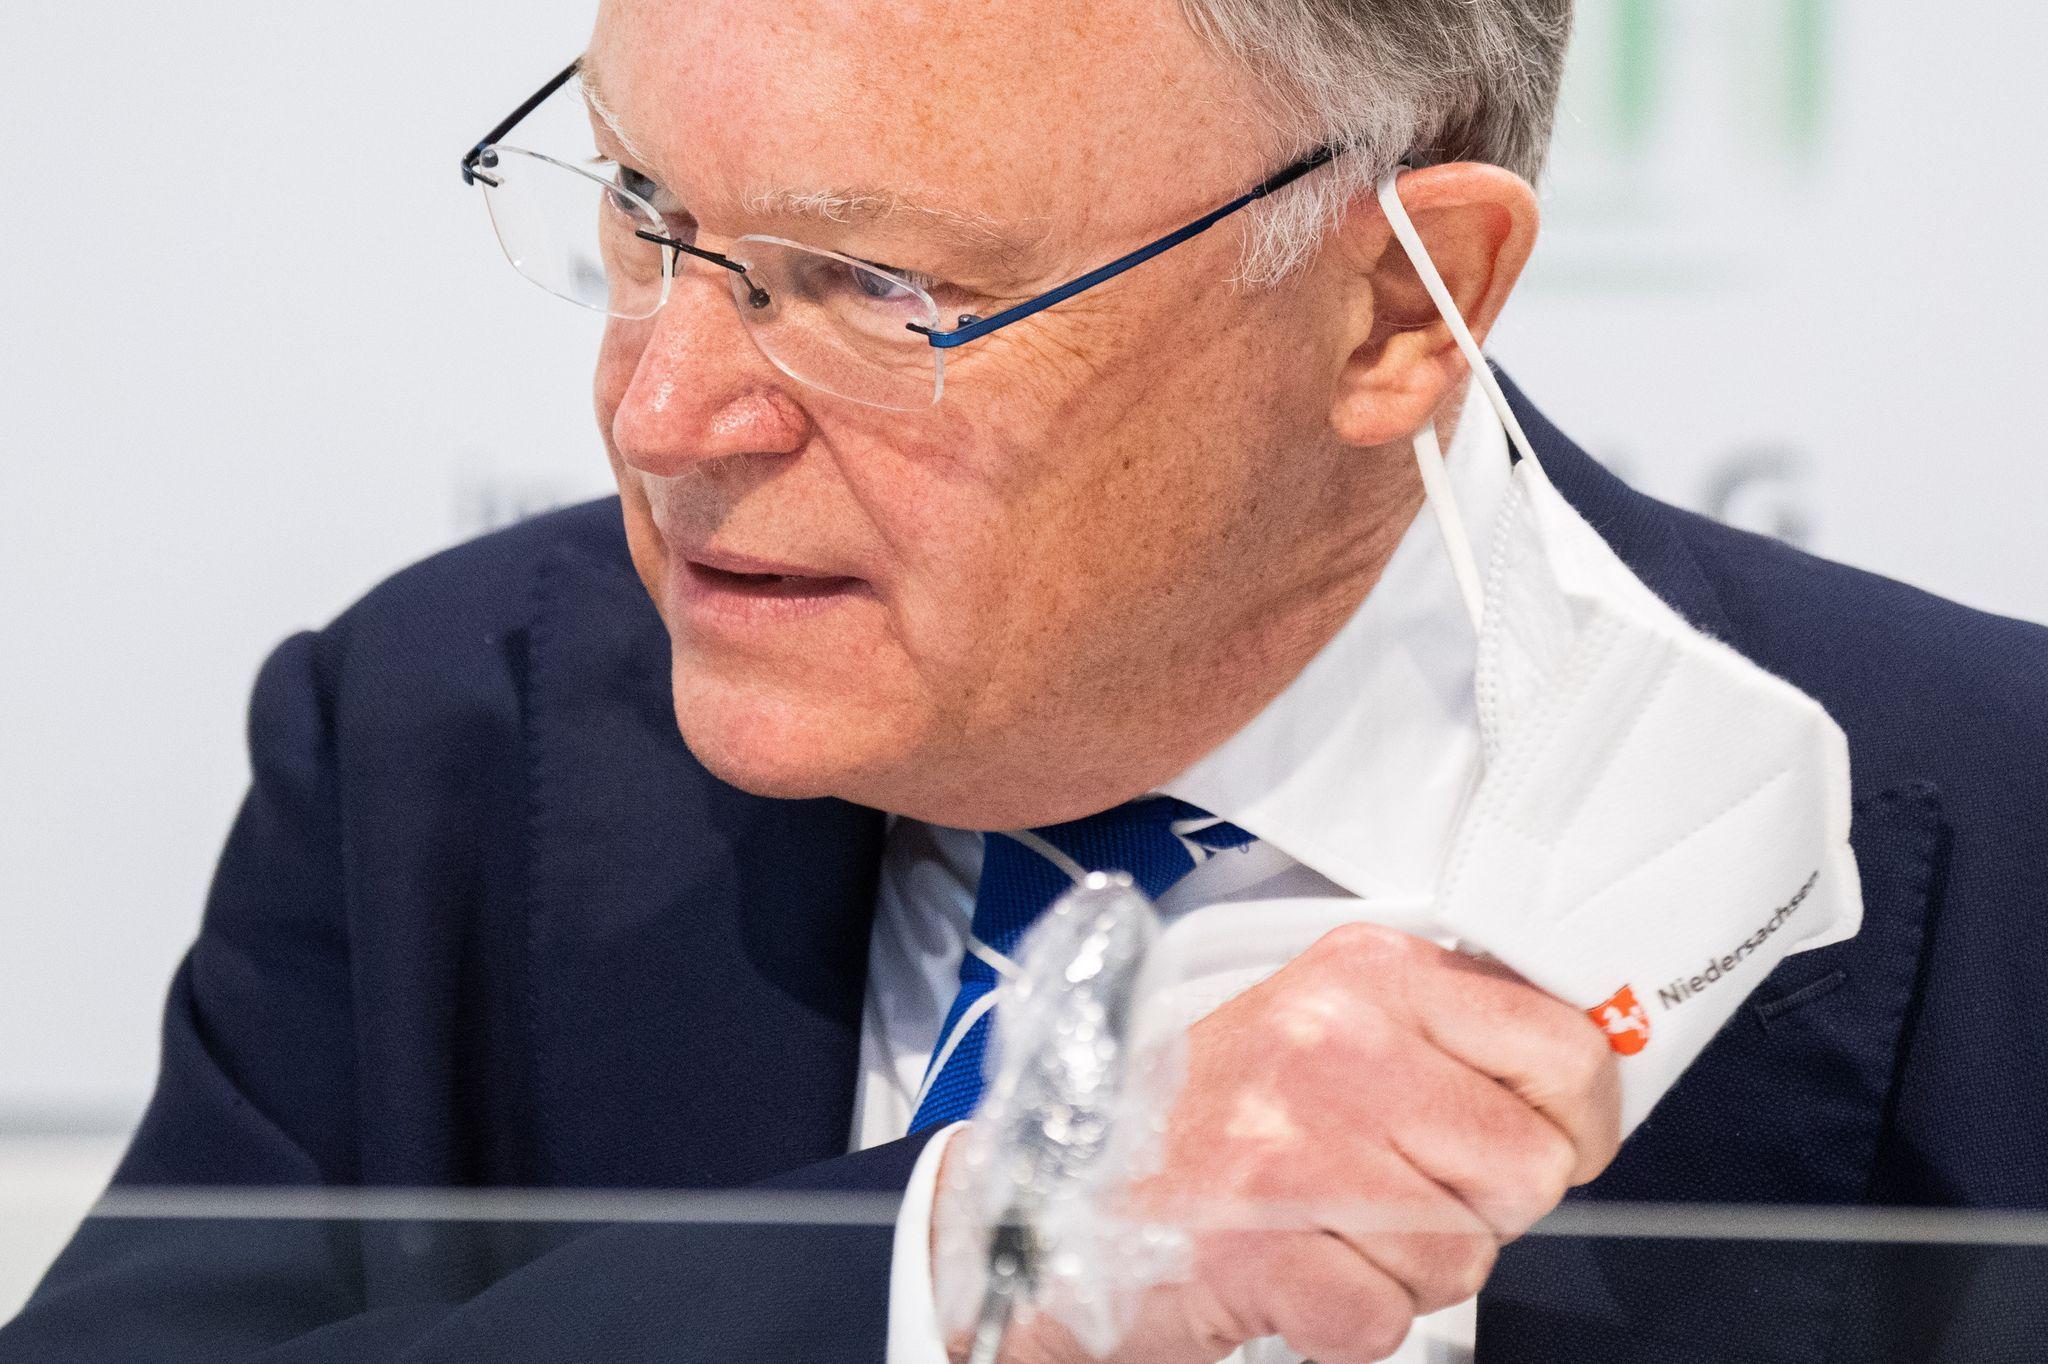 Niedersachsens Ministerpräsident Stephan Weil (SPD) kündigt Lockerungen an. Foto: dpa/Stratenschulte